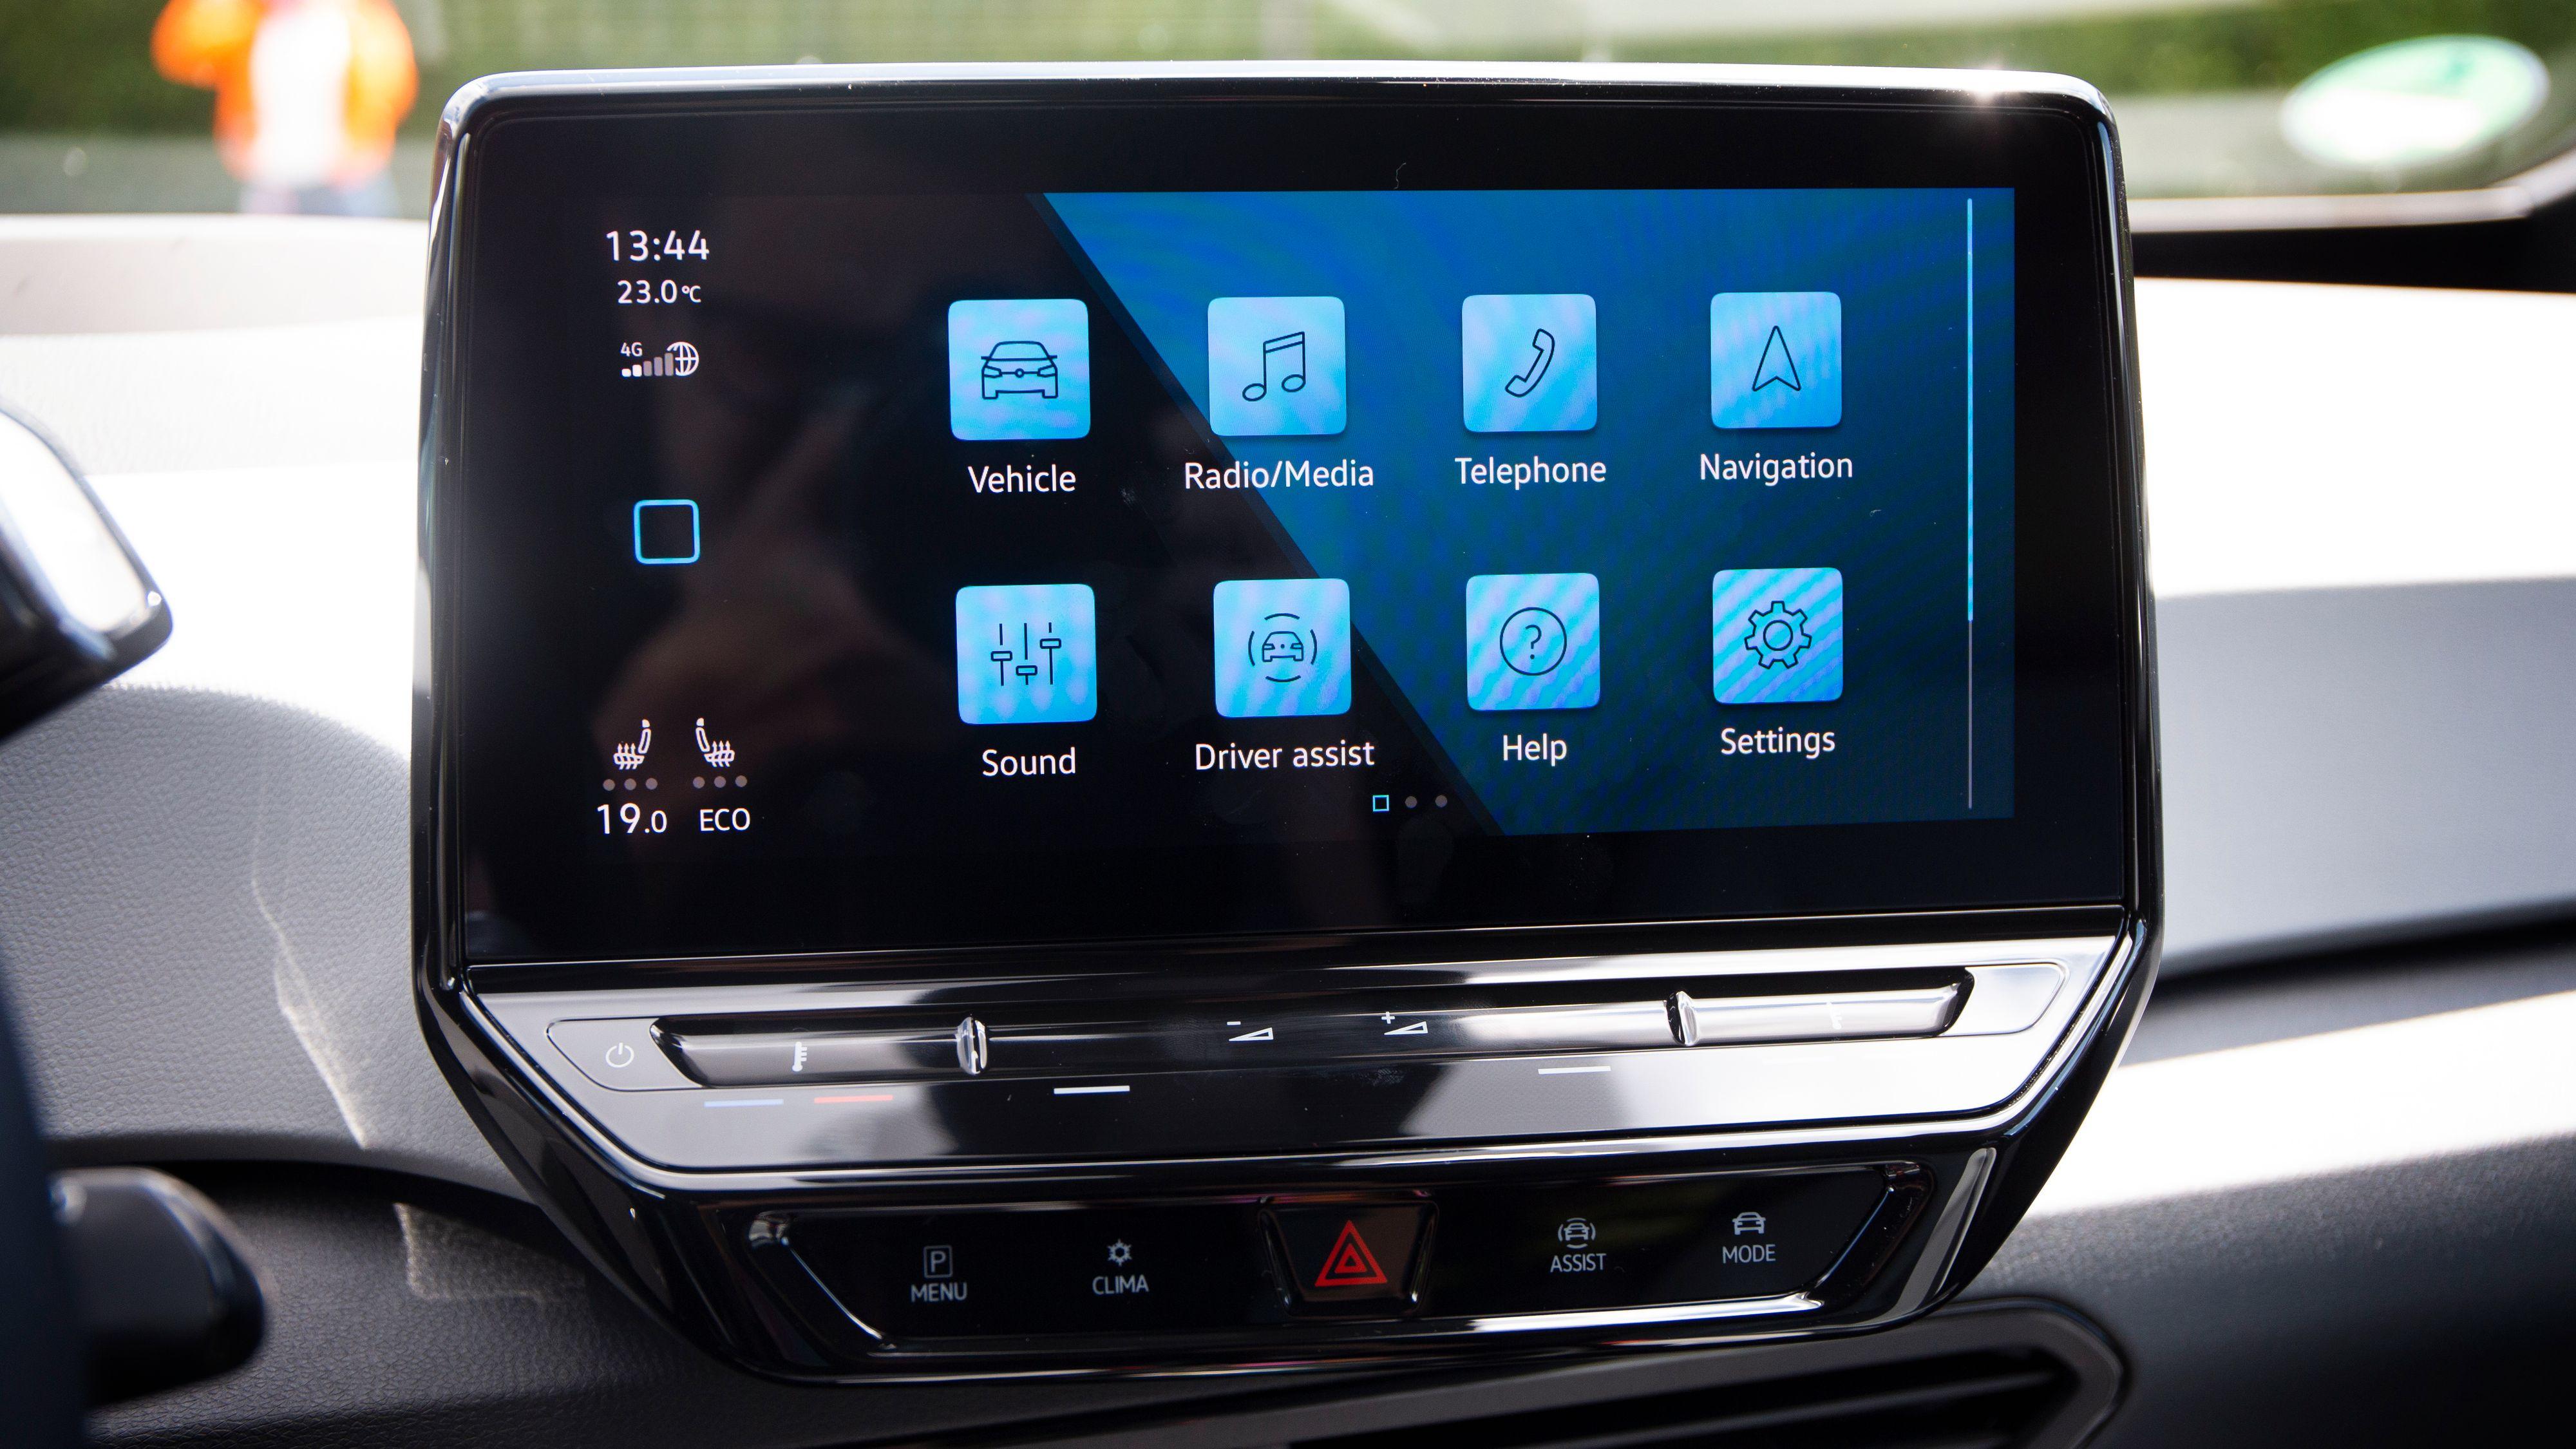 Programvaren som Volkswagen etter sigende har slitt med er nå på plass. Den fungerer tilsynelatende som den skal. Legg også merke til «sveipefeltene» under skjermen, som brukes til å justere ting som temperatur og volum.